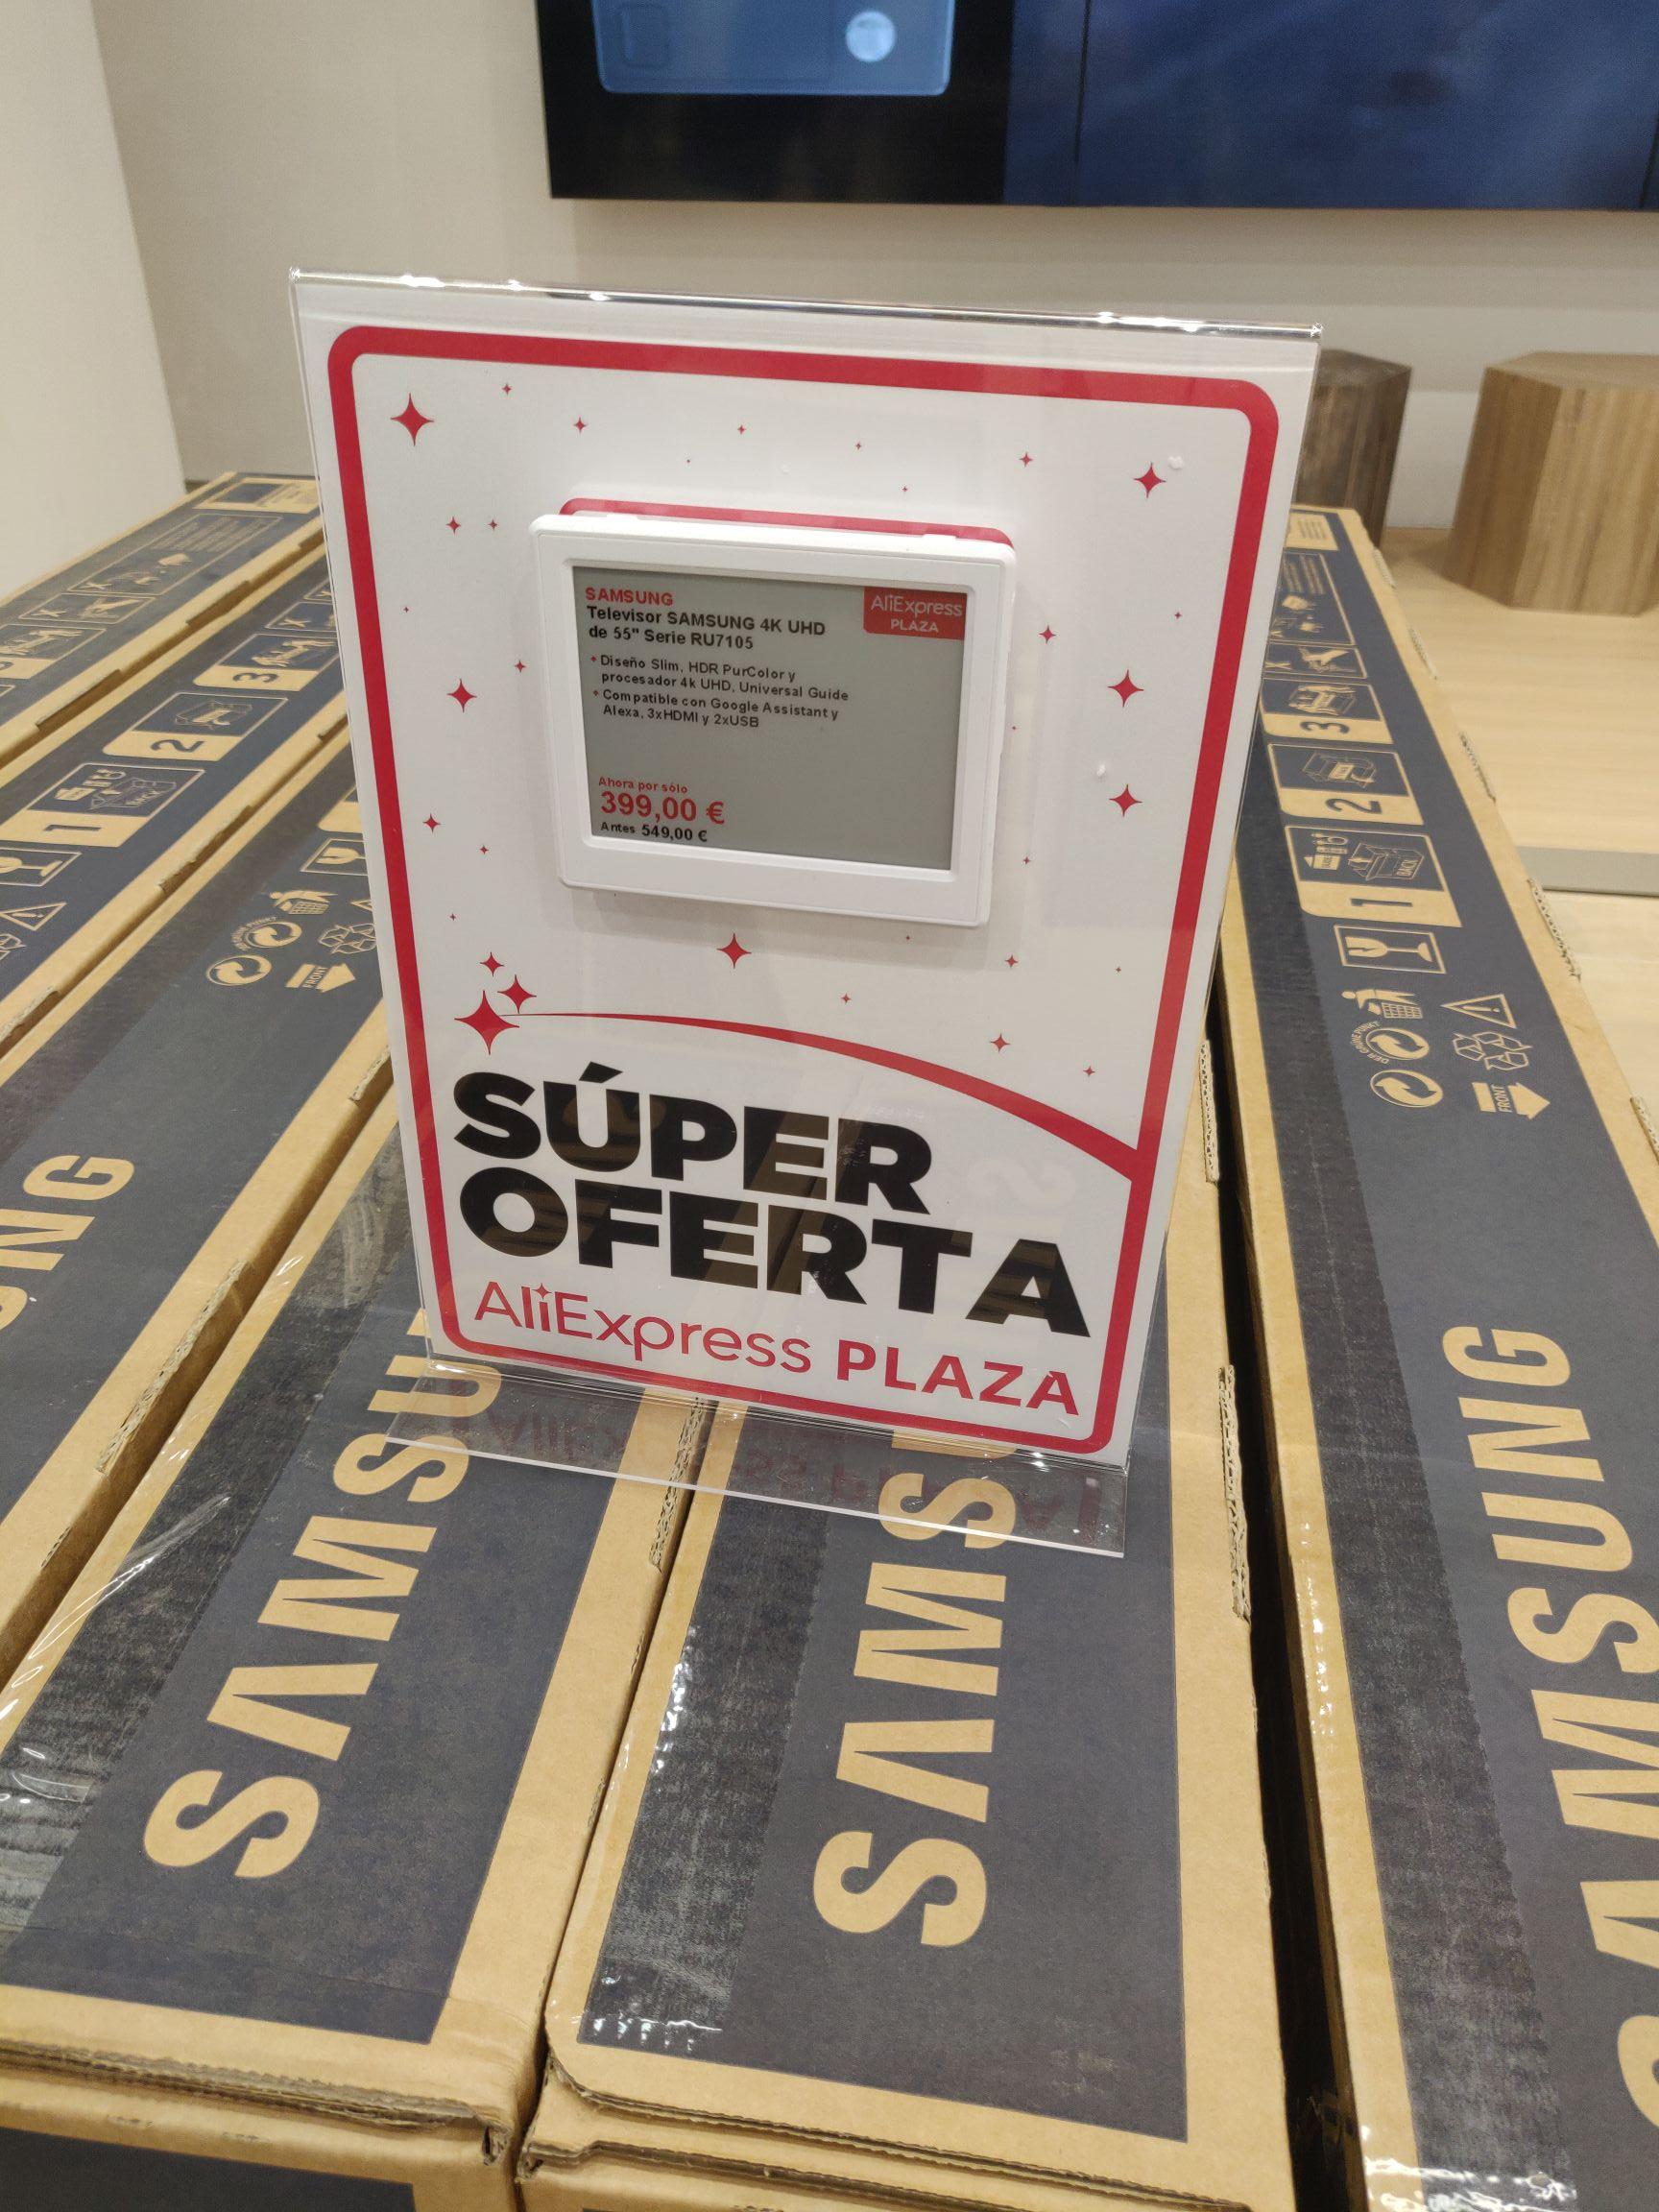 Televisor SAMSUNG 4K UHD 55' Serie RU7105 - 399 € (Aliexpress Plaza del CC de Finestrelles)